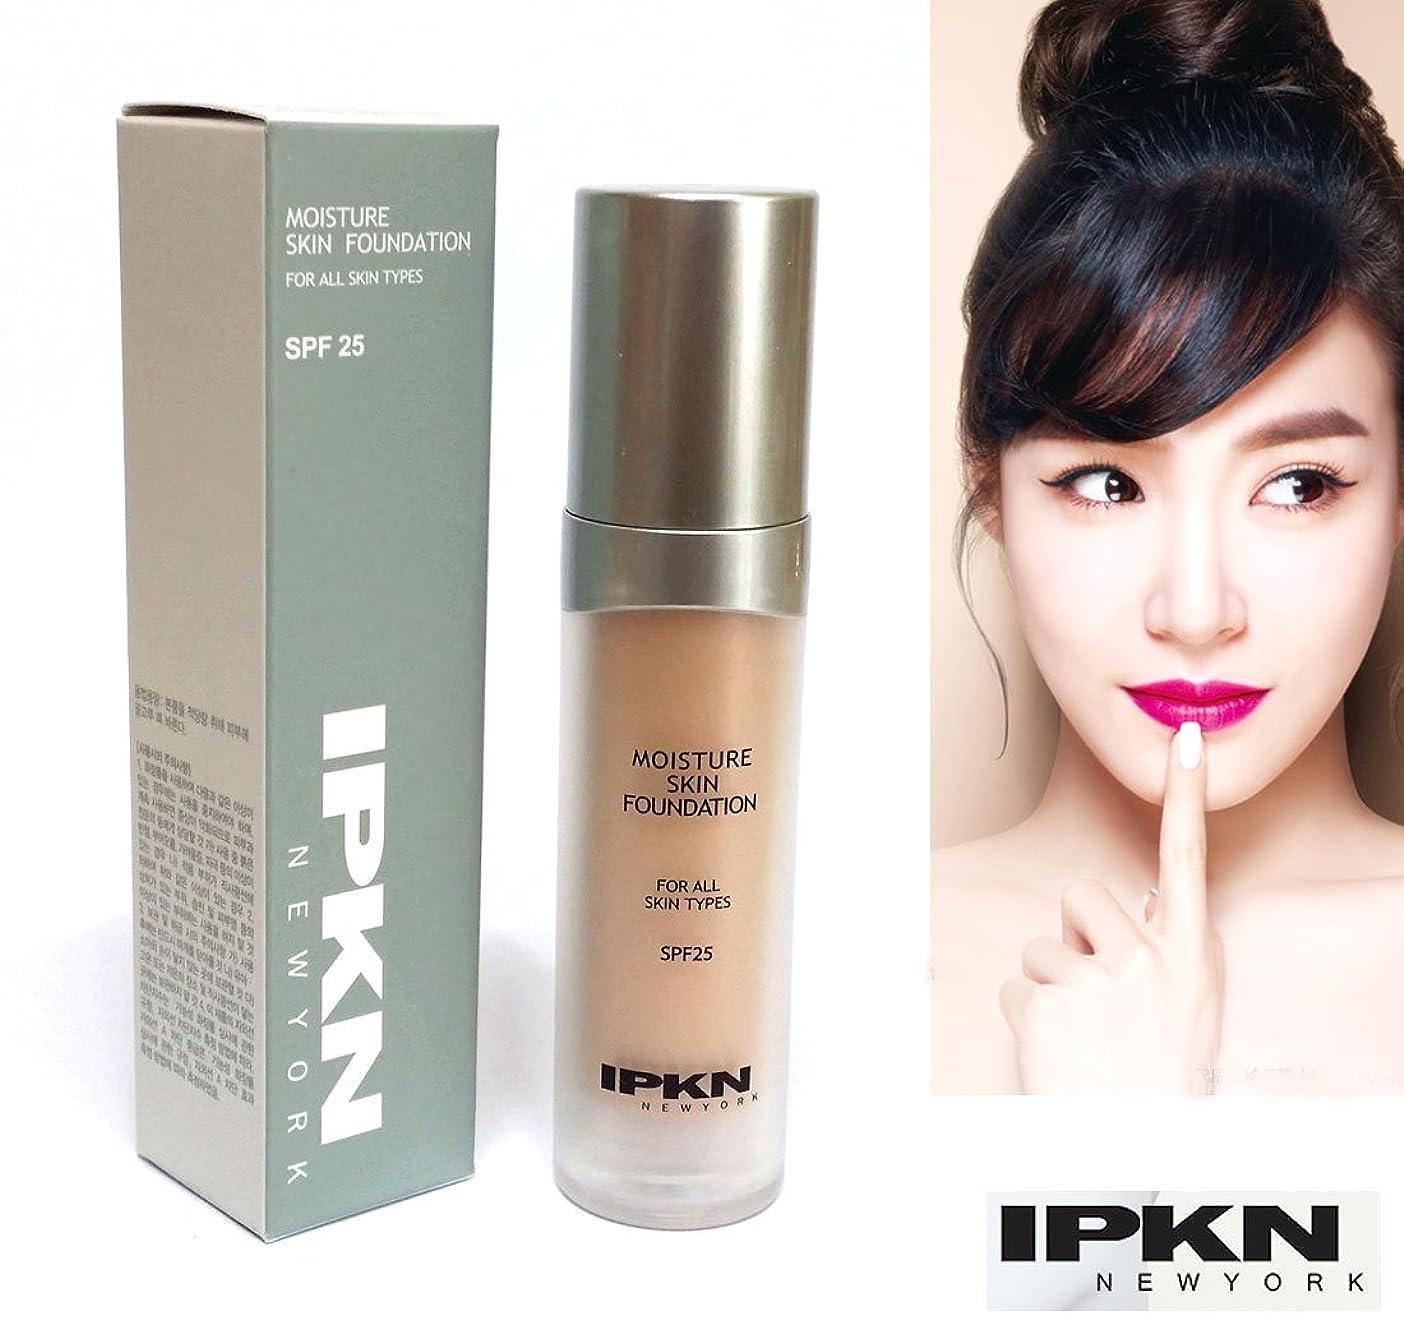 エーカー湖ビタミン[IPKN] モイスチャースキンファンデーション35ml (23号 - 自然なベージュ) / Moisture Skin Foundation 35ml (No.23 - natural beige) / しっとり&つやのある肌 / moist & radiant skin / 韓国化粧品 / Korean Cosmetics [並行輸入品]